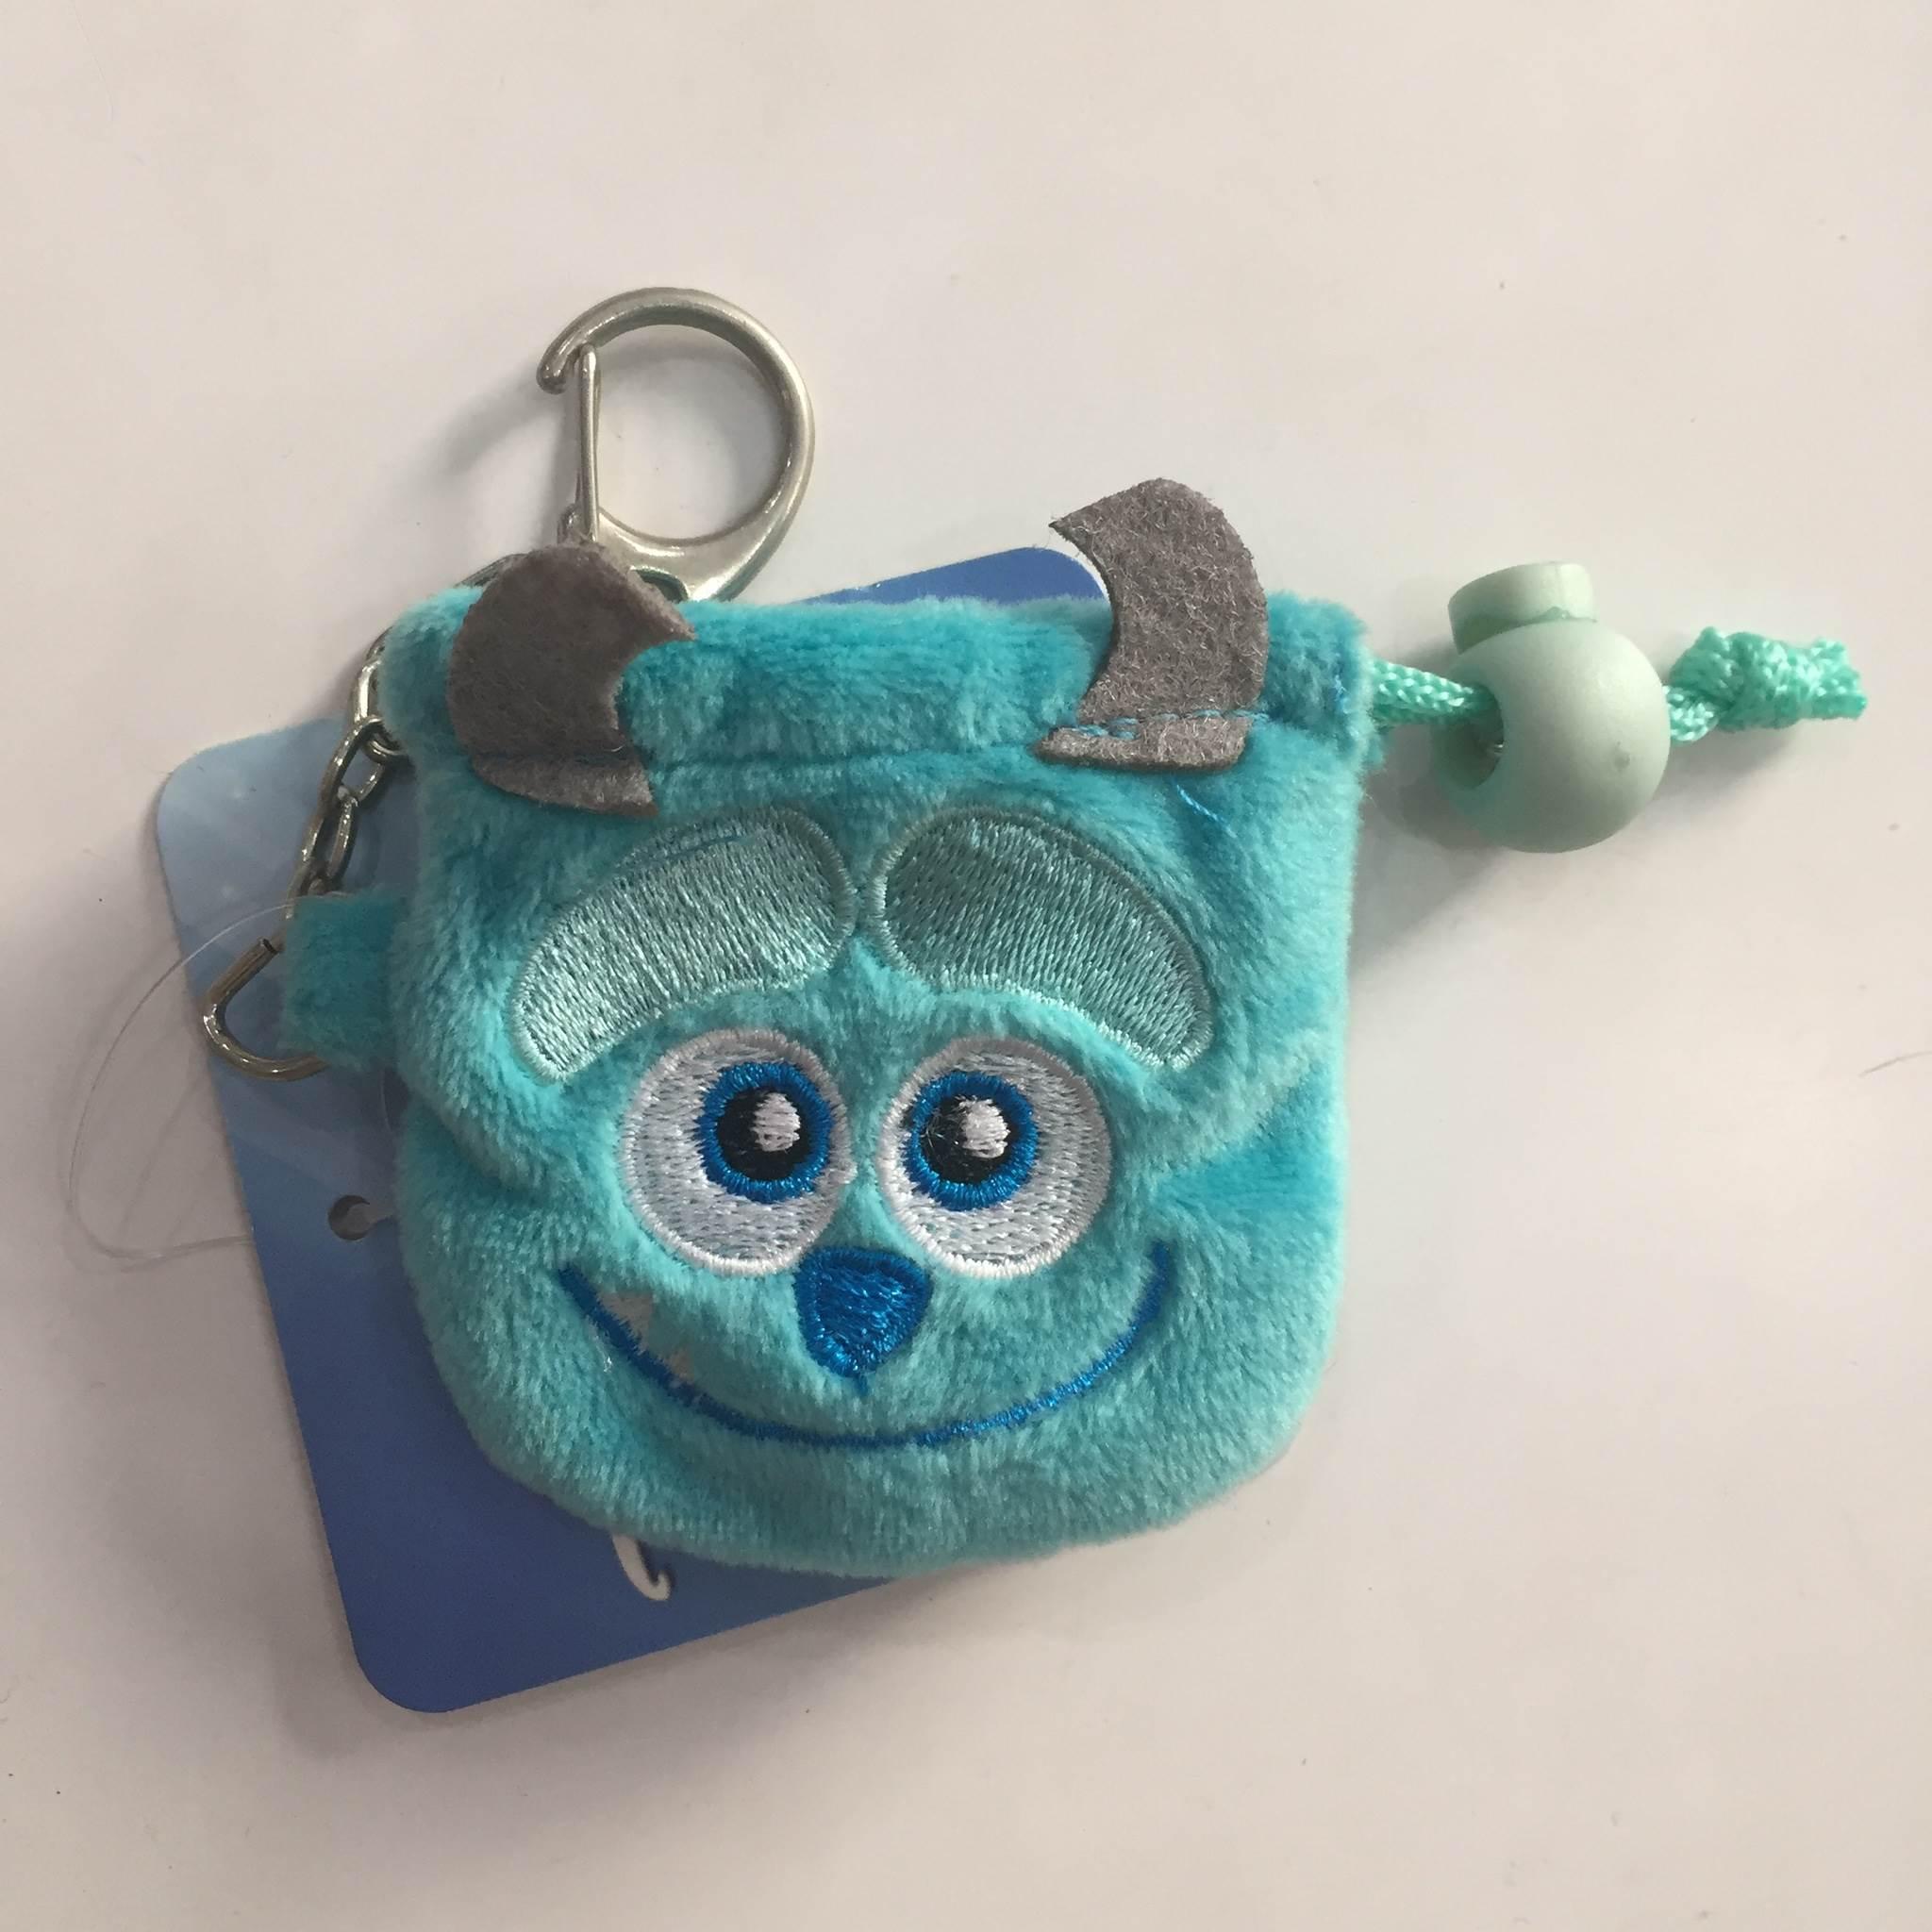 【毛怪】迪士尼 Disney 可愛 束口袋 零錢包 收納袋 鑰匙圈 聖誕禮物